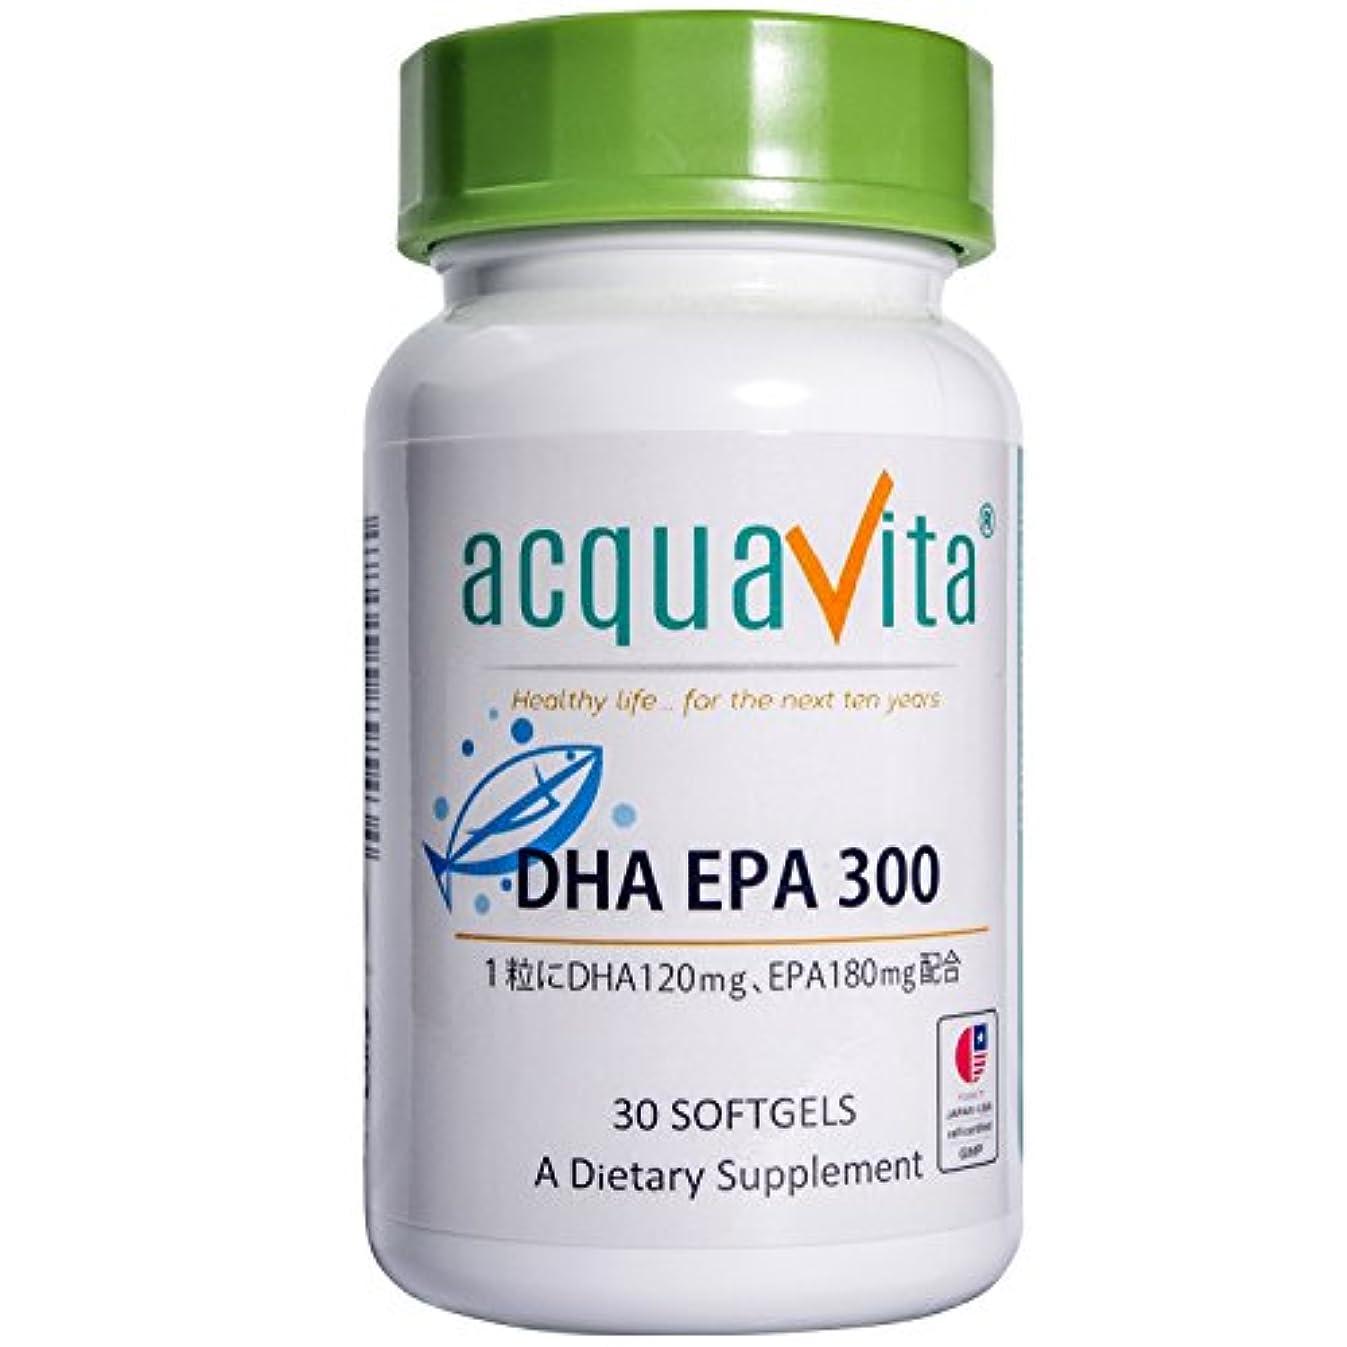 フォーク舞い上がる衝突acquavita(アクアヴィータ)DHA EPA300 30粒